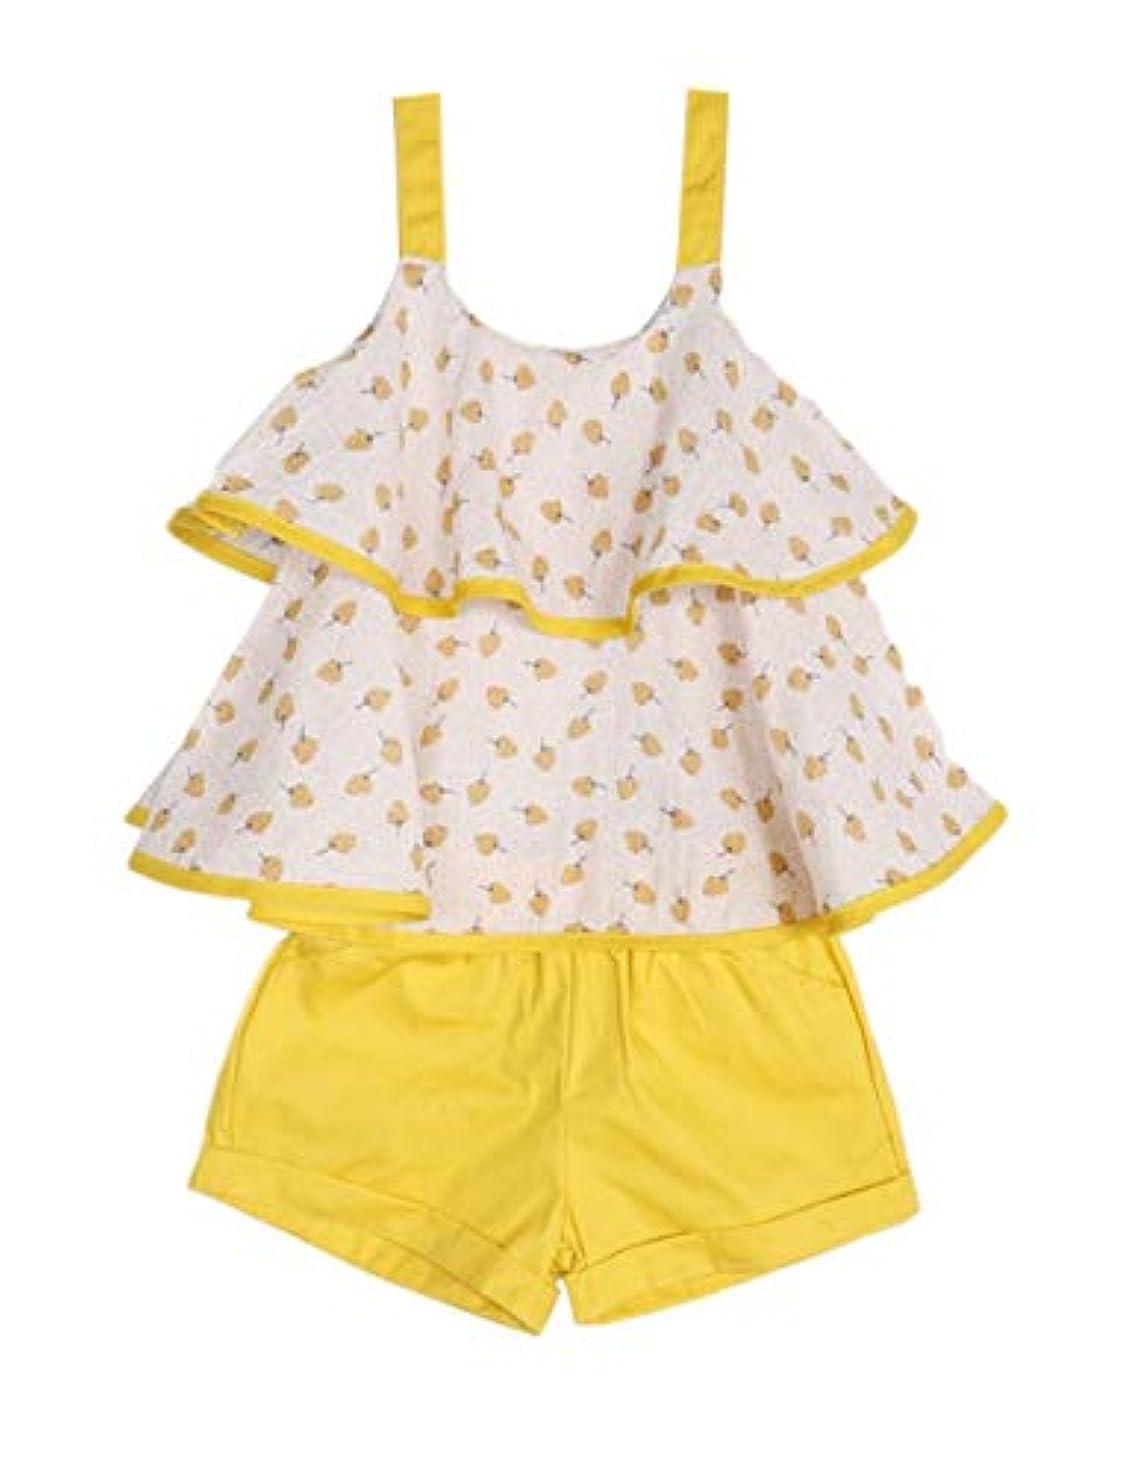 データム航海パスタ幼児 赤ちゃん 女の子 服 ダブルレイヤー ストラップ フローラル ベストとショーツ サマー フリル アウトフィットセット